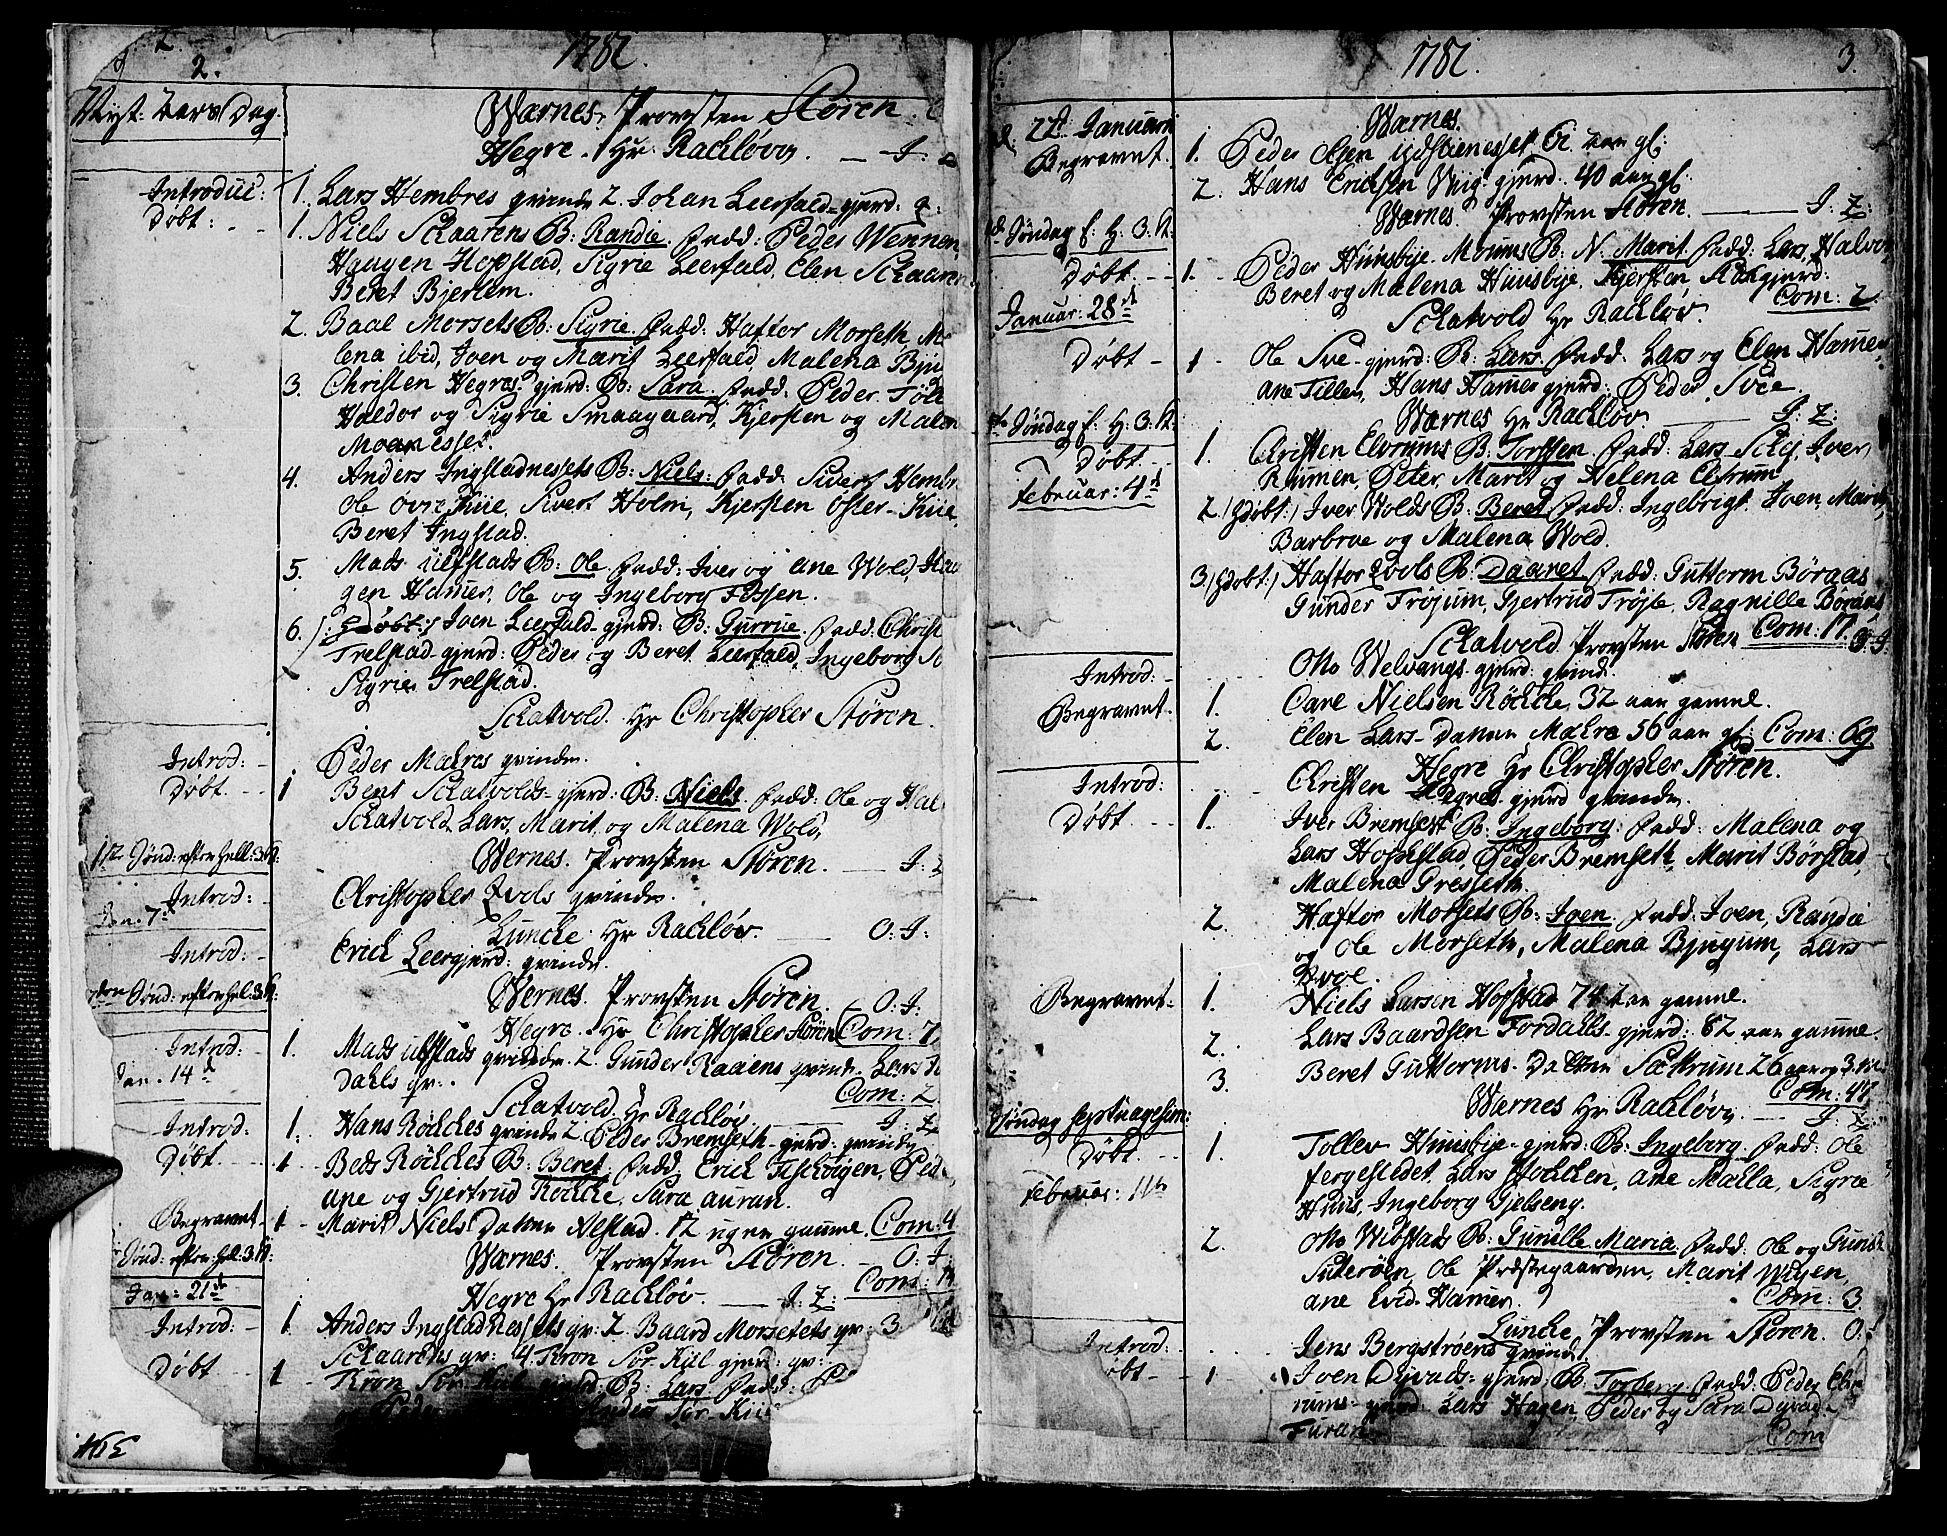 SAT, Ministerialprotokoller, klokkerbøker og fødselsregistre - Nord-Trøndelag, 709/L0059: Ministerialbok nr. 709A06, 1781-1797, s. 2-3